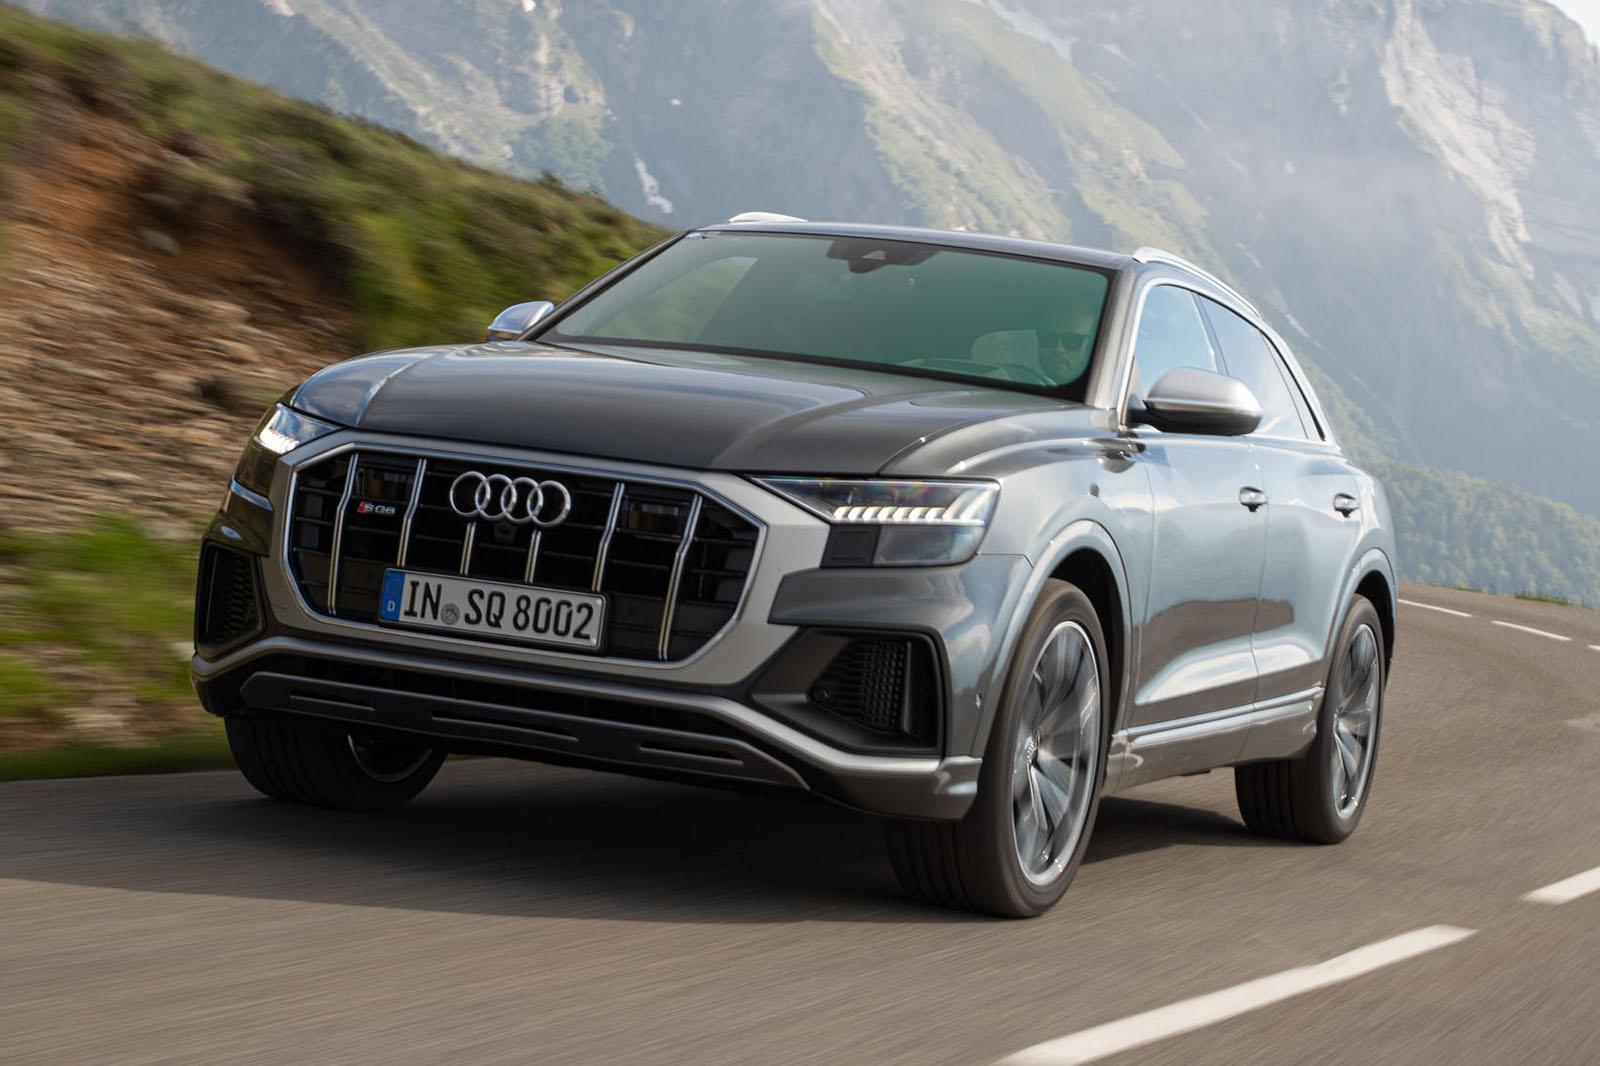 Kelebihan Audi Sq8 2019 Harga